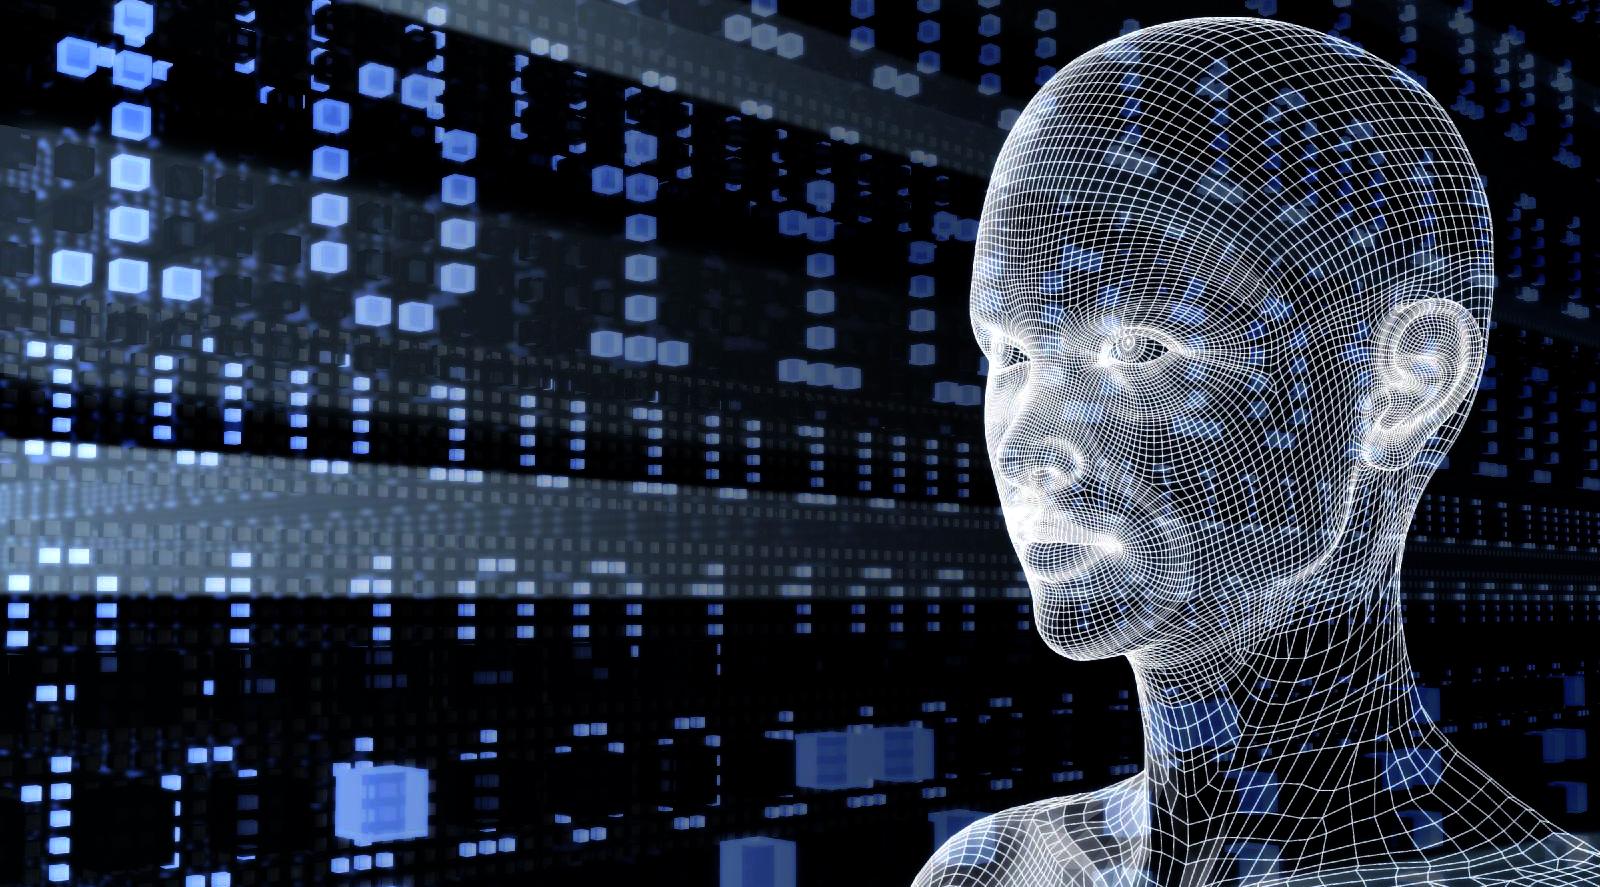 intelligenza artificiale - Tlc, 5G. Parlamento UE: priorità, ma bisogna evitare due velocità tra stati. Attenzione poi a IA e robotica